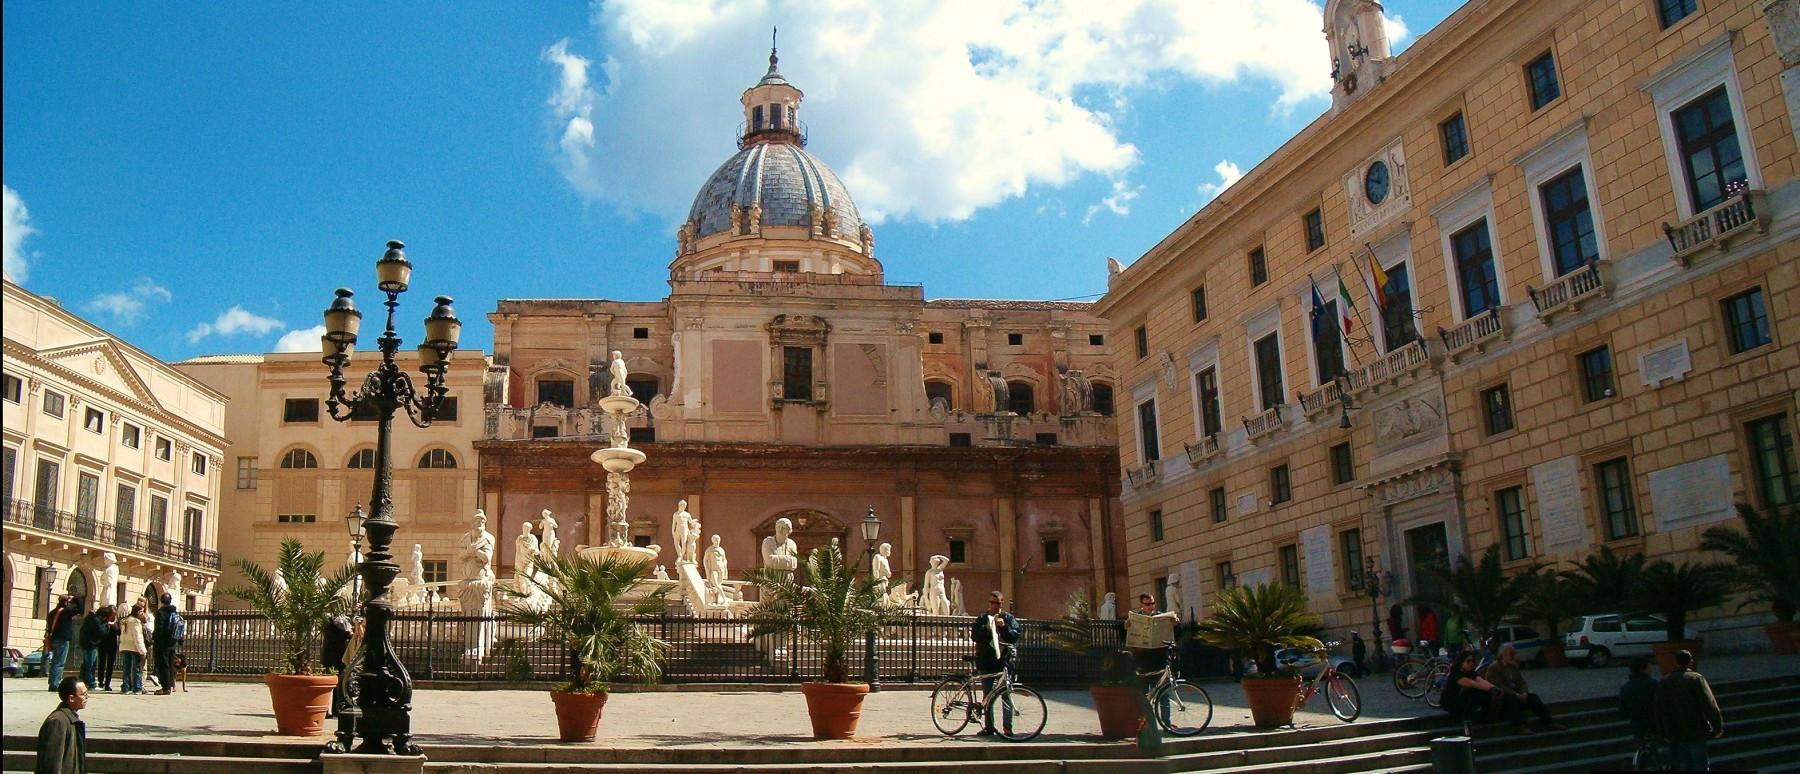 Церковь Сан Джузеппе дей Театини  на площади Претория.